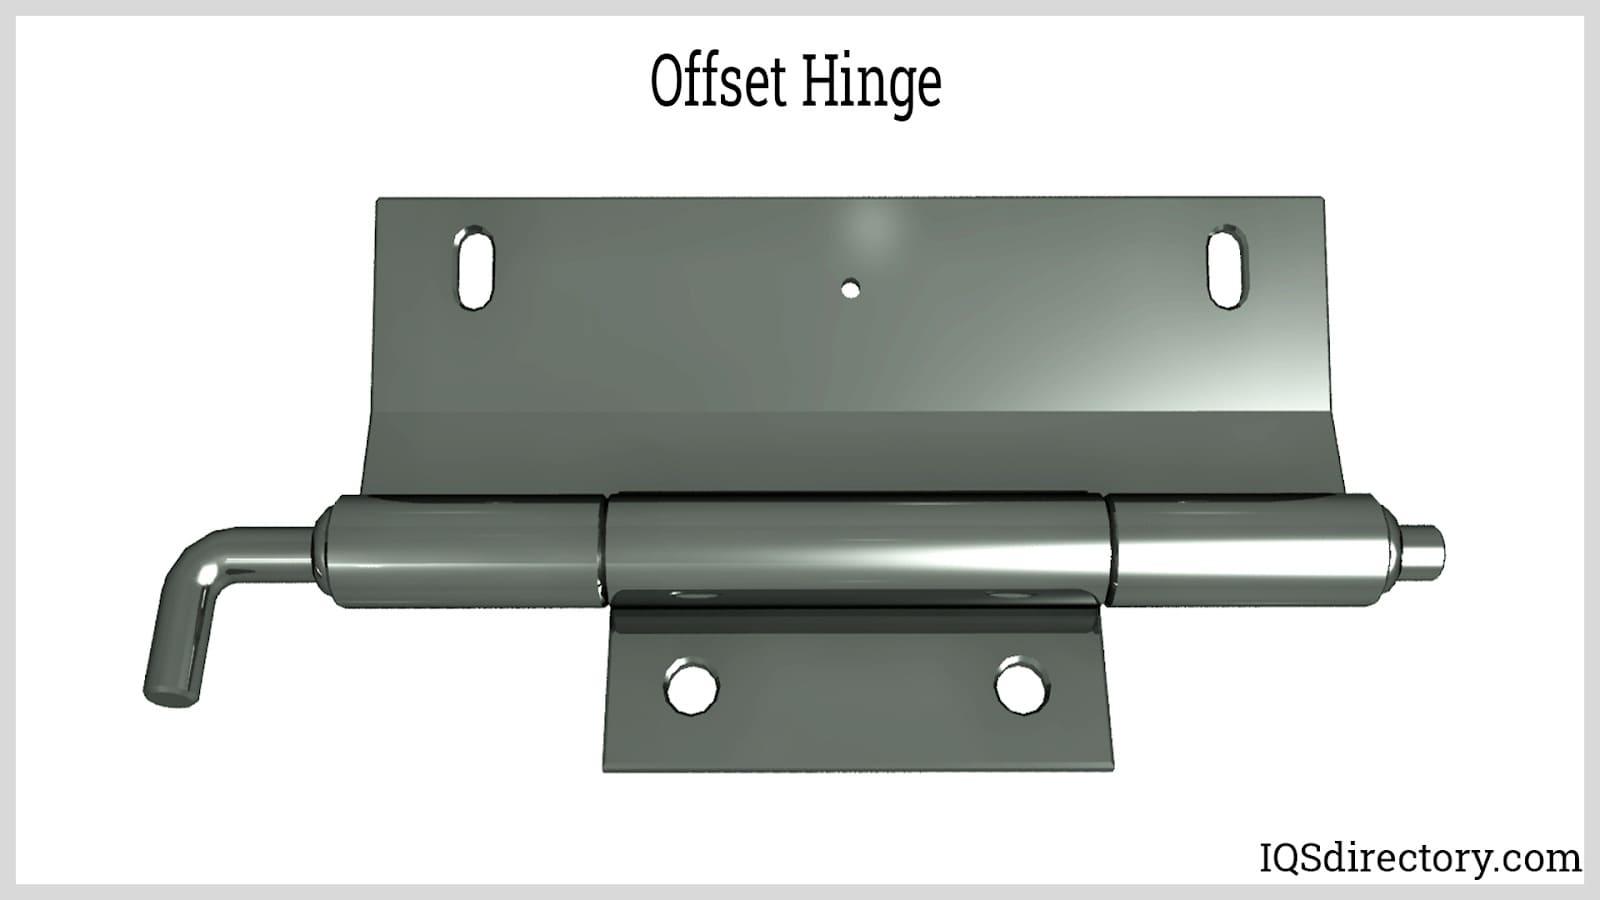 Offset Hinge